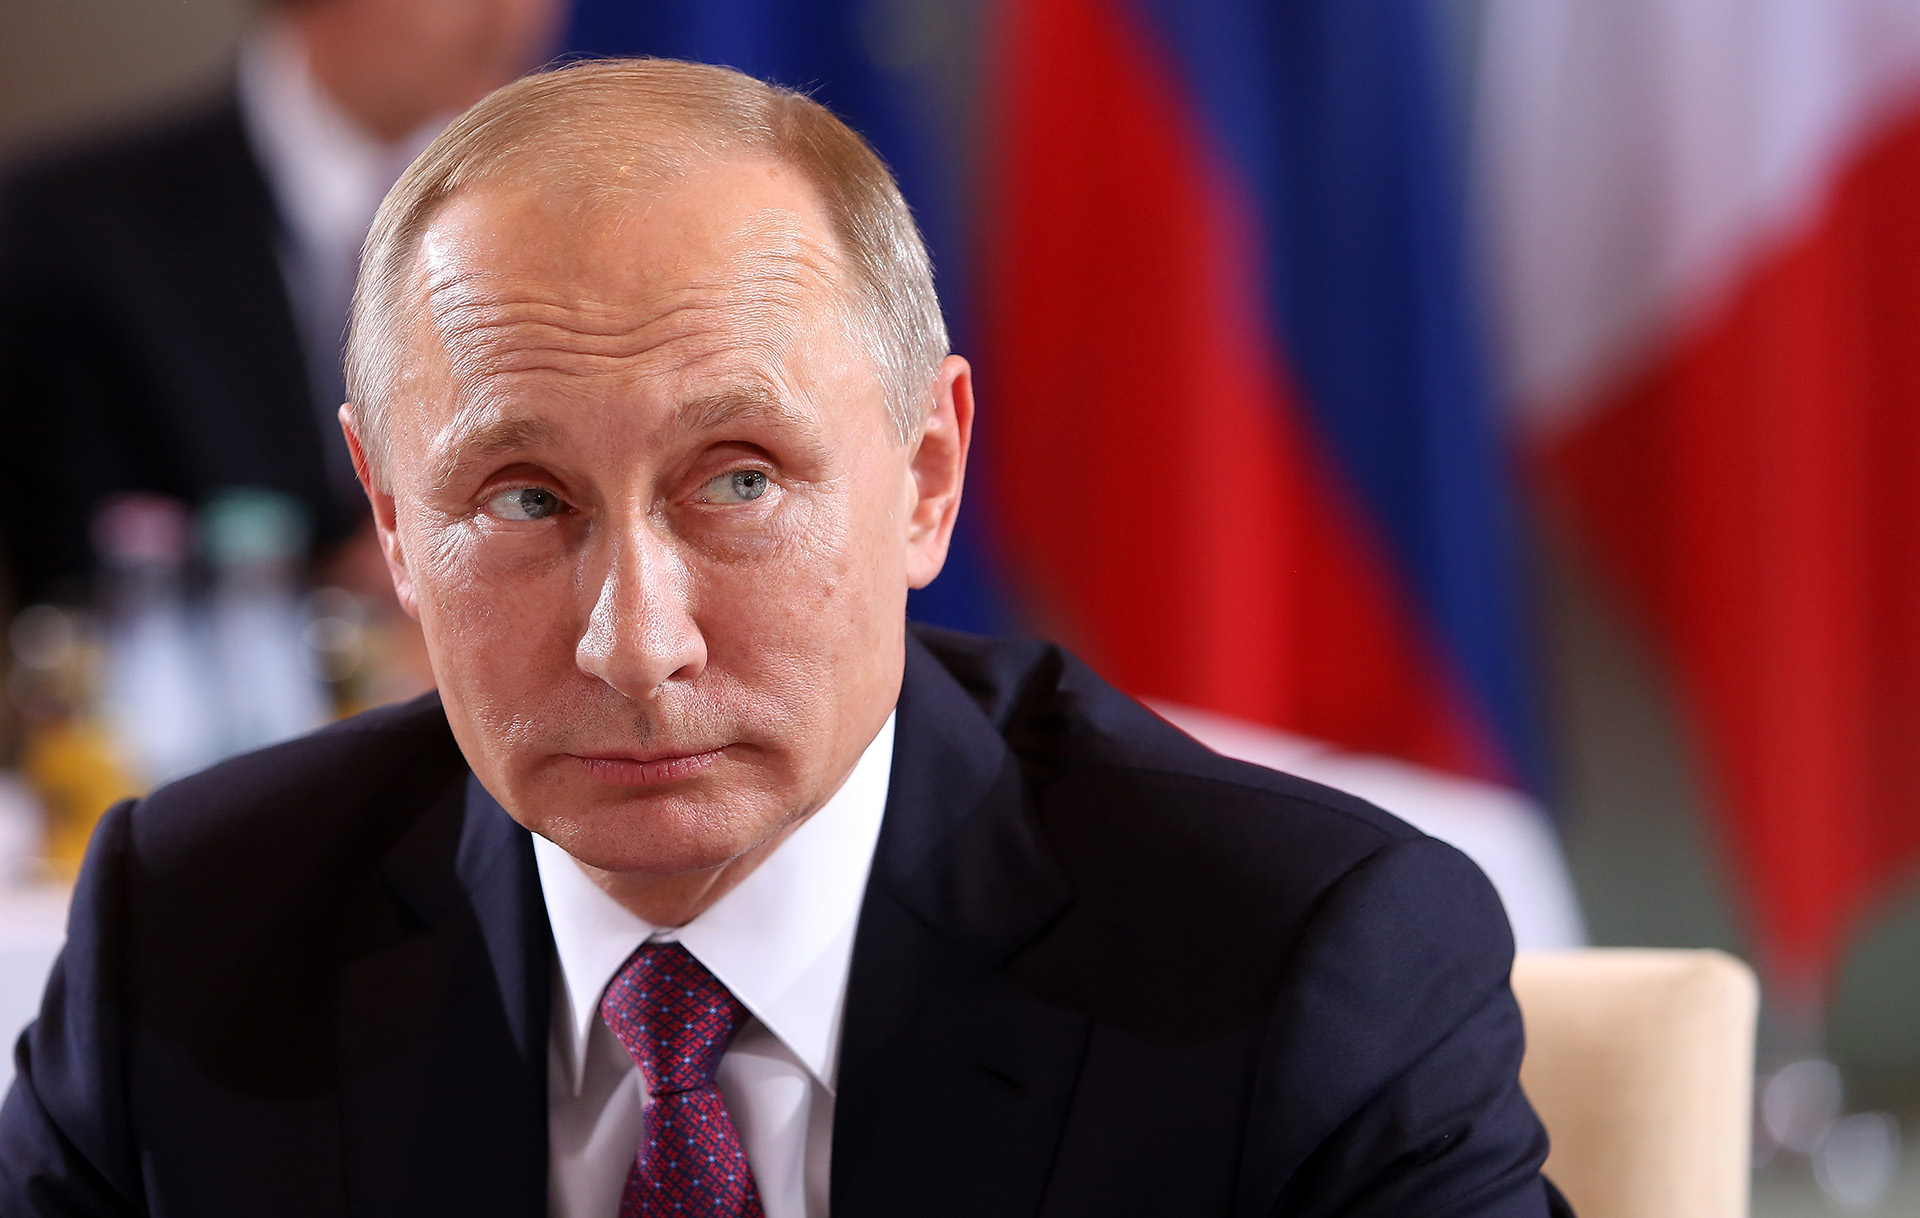 El presidente de Rusia, Vladimir Putin. Muchos de los millonarios involucrados en el lavado de dinero tienen vínculos con su gobierno (Getty)